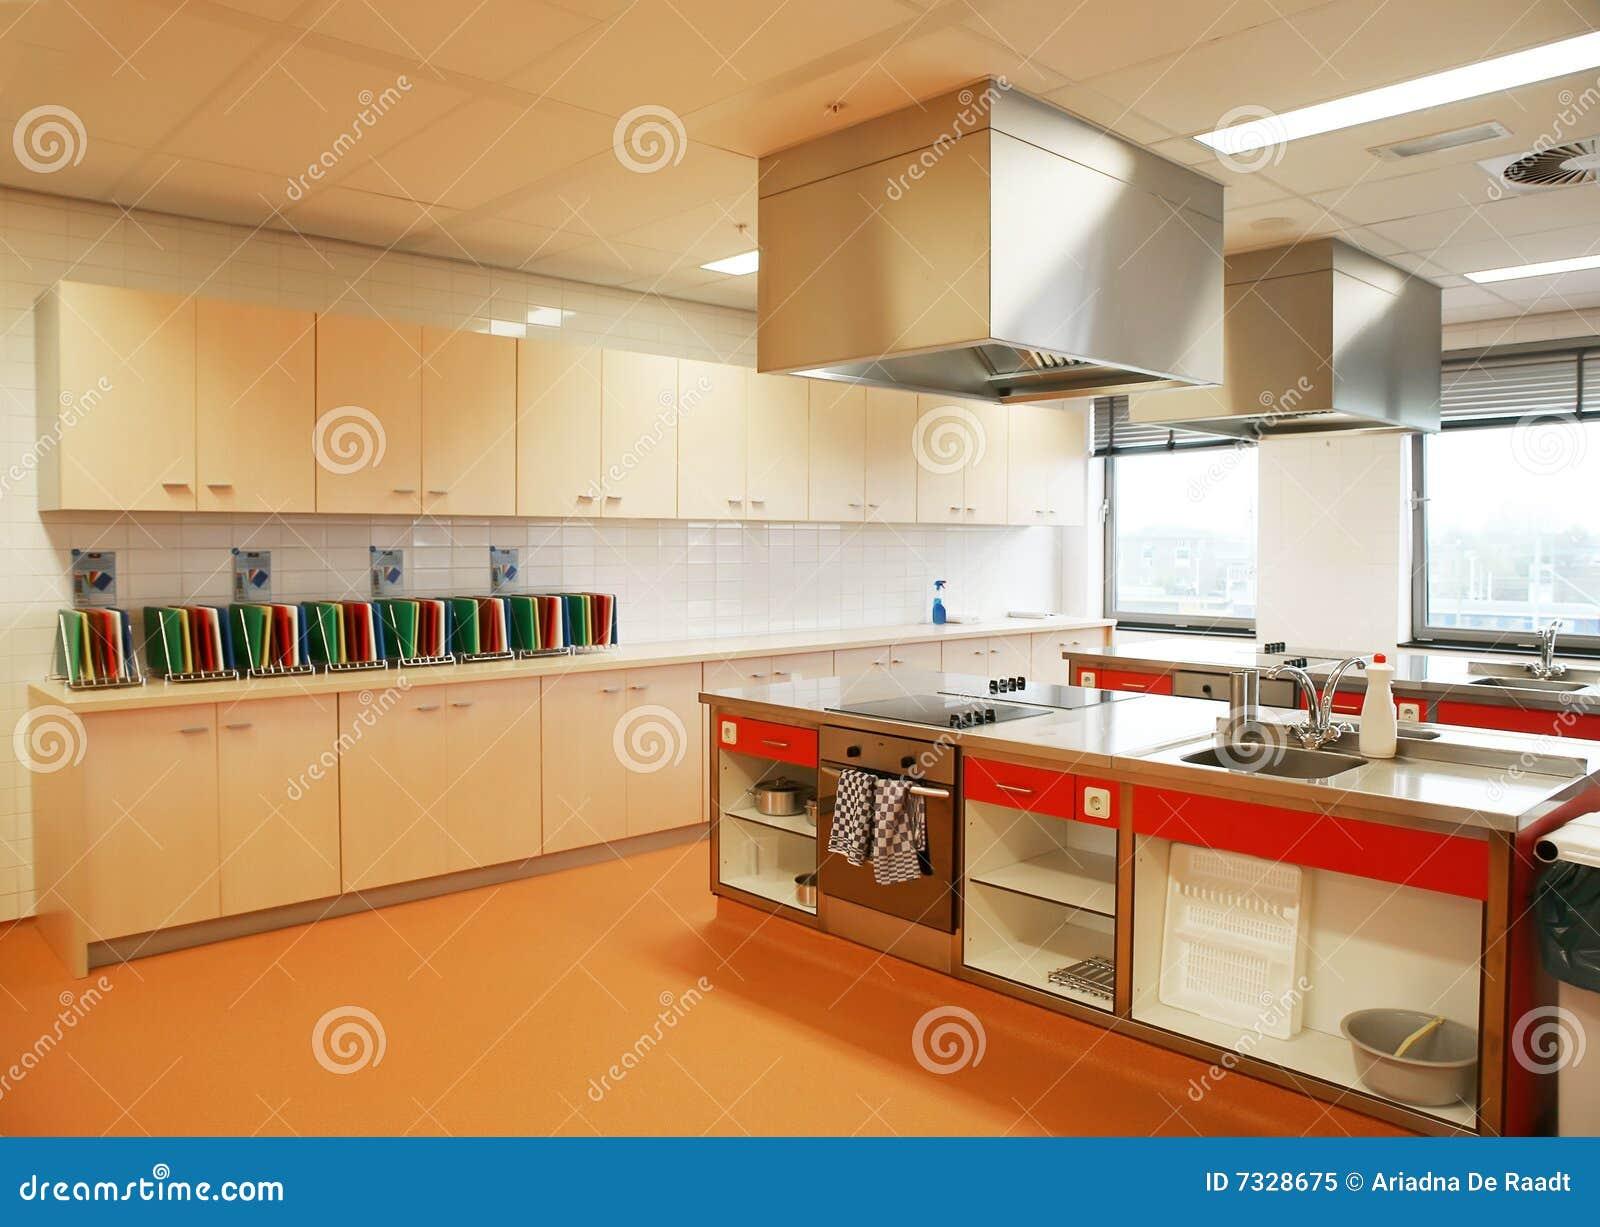 Cozinha Industrial Imagem De Stock Imagem De Coma Prepara O 7328675